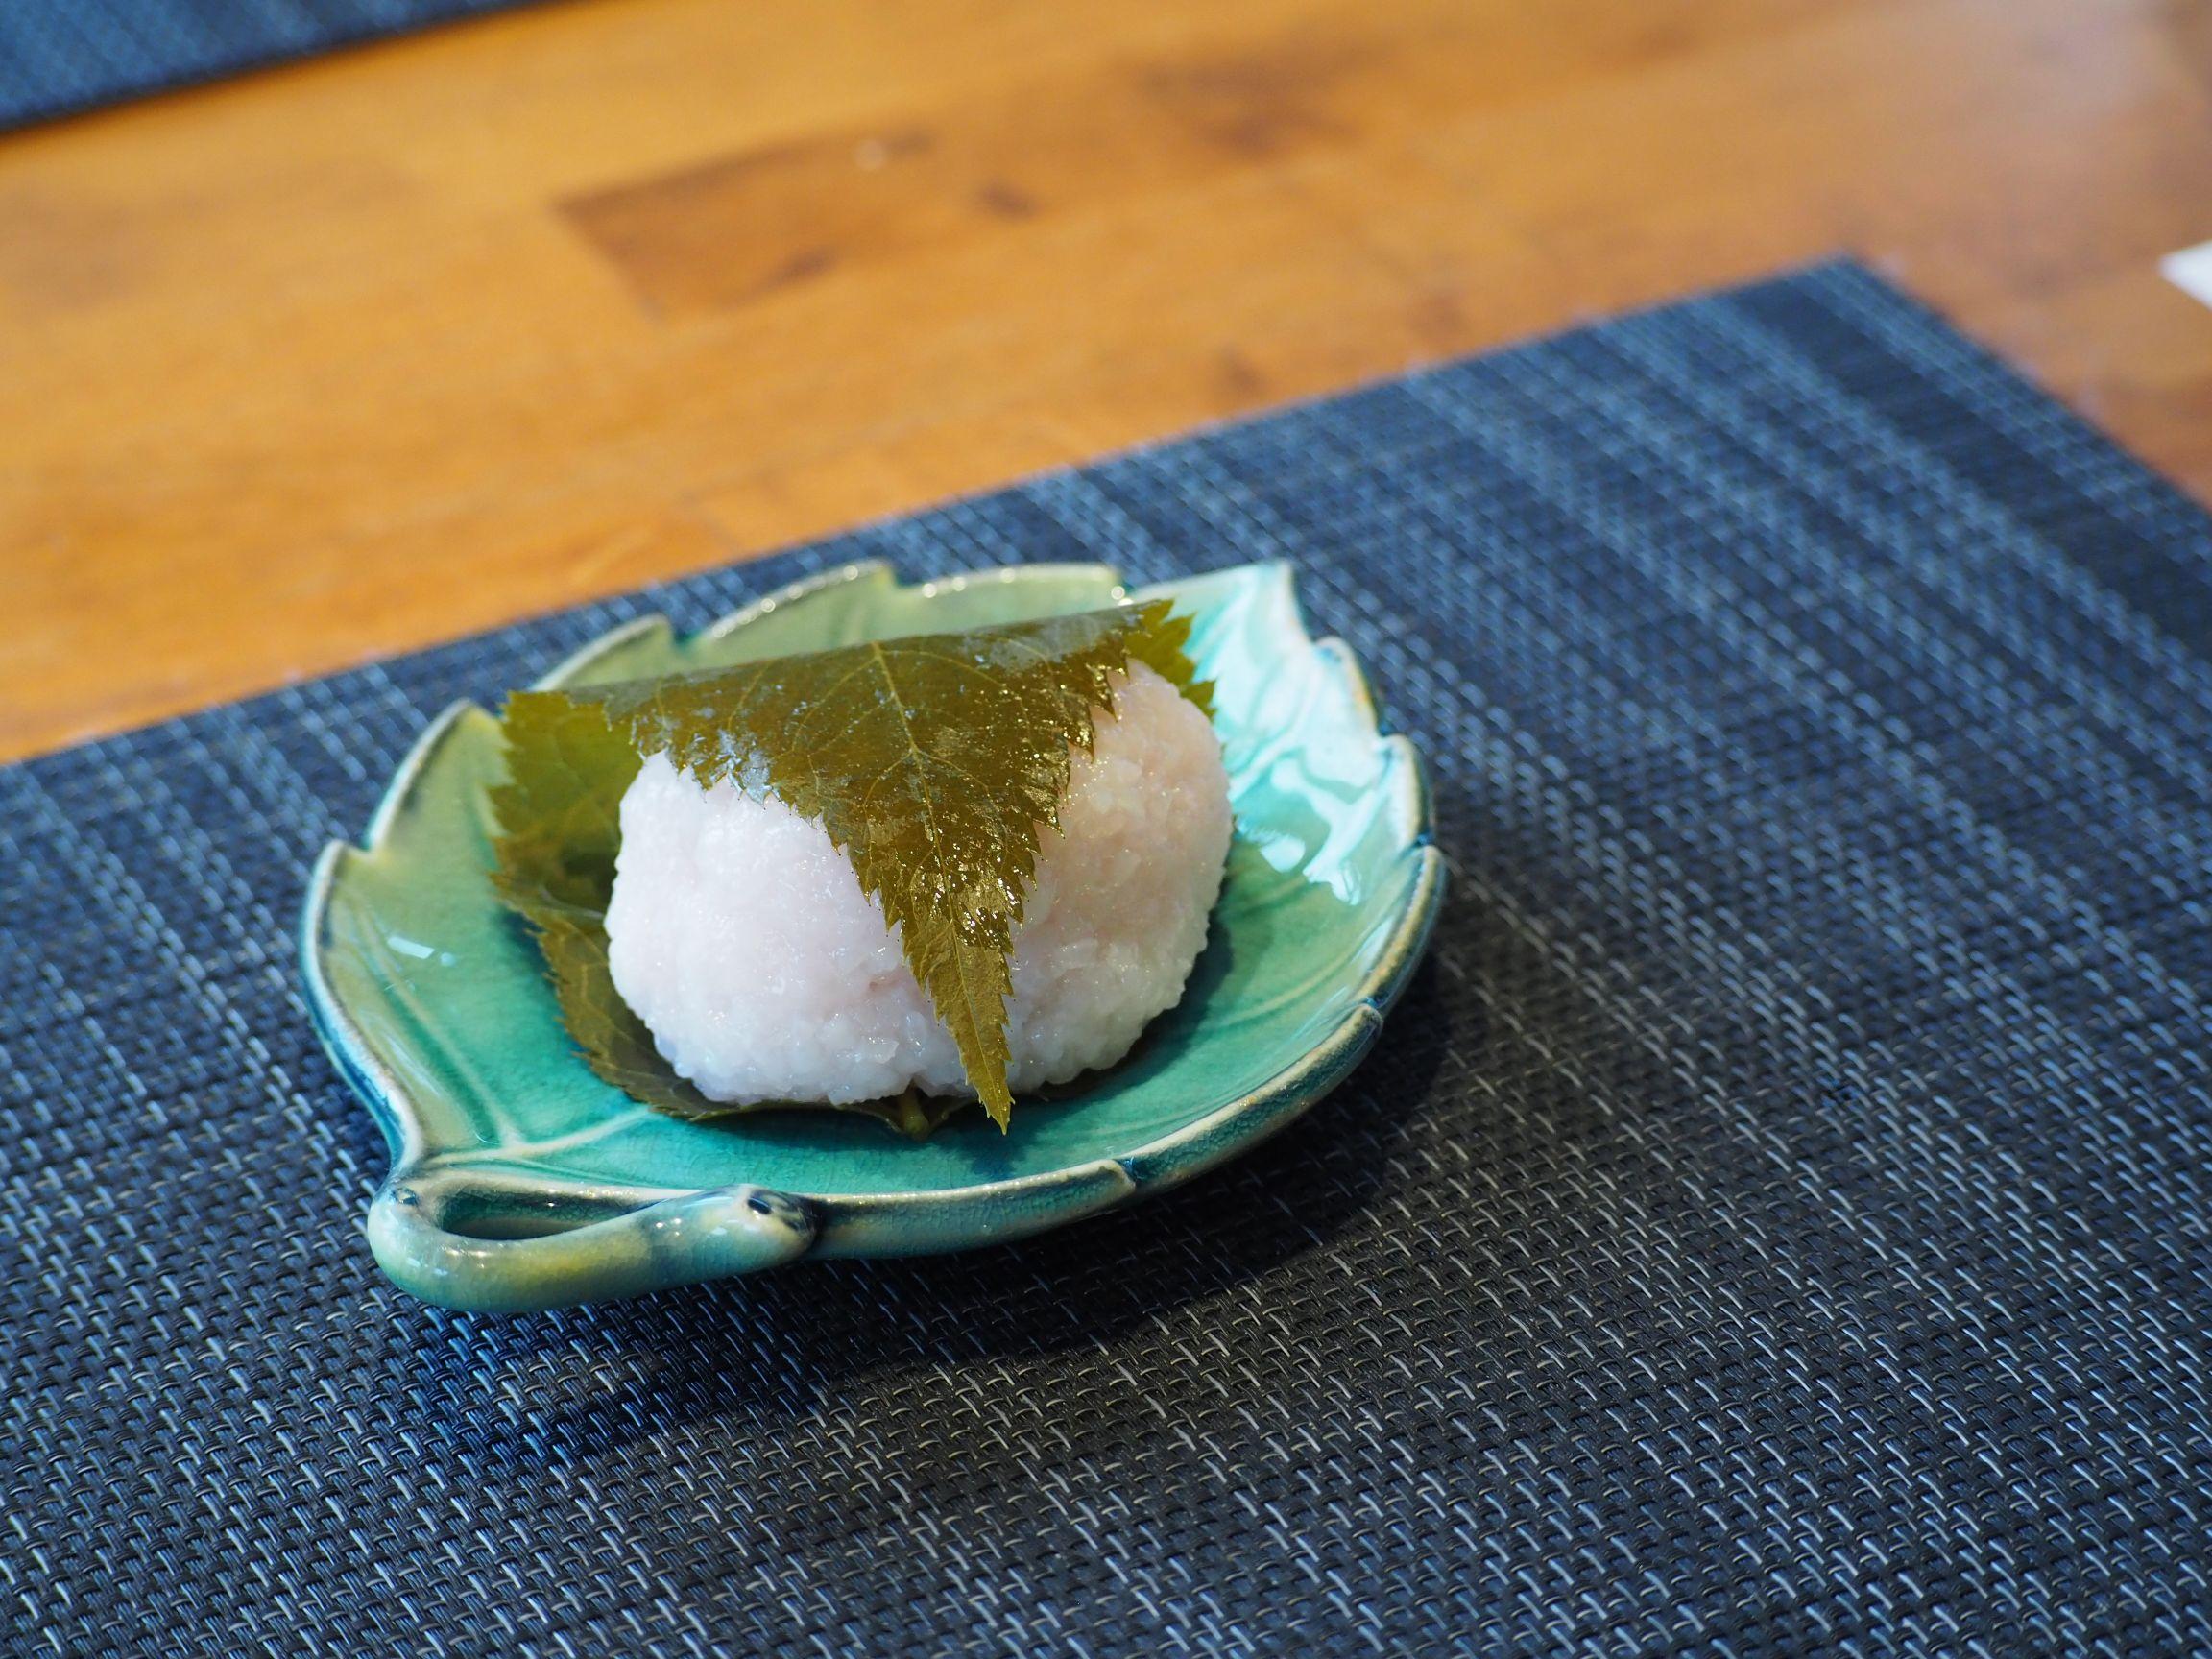 桜川市、桜餅づくり体験